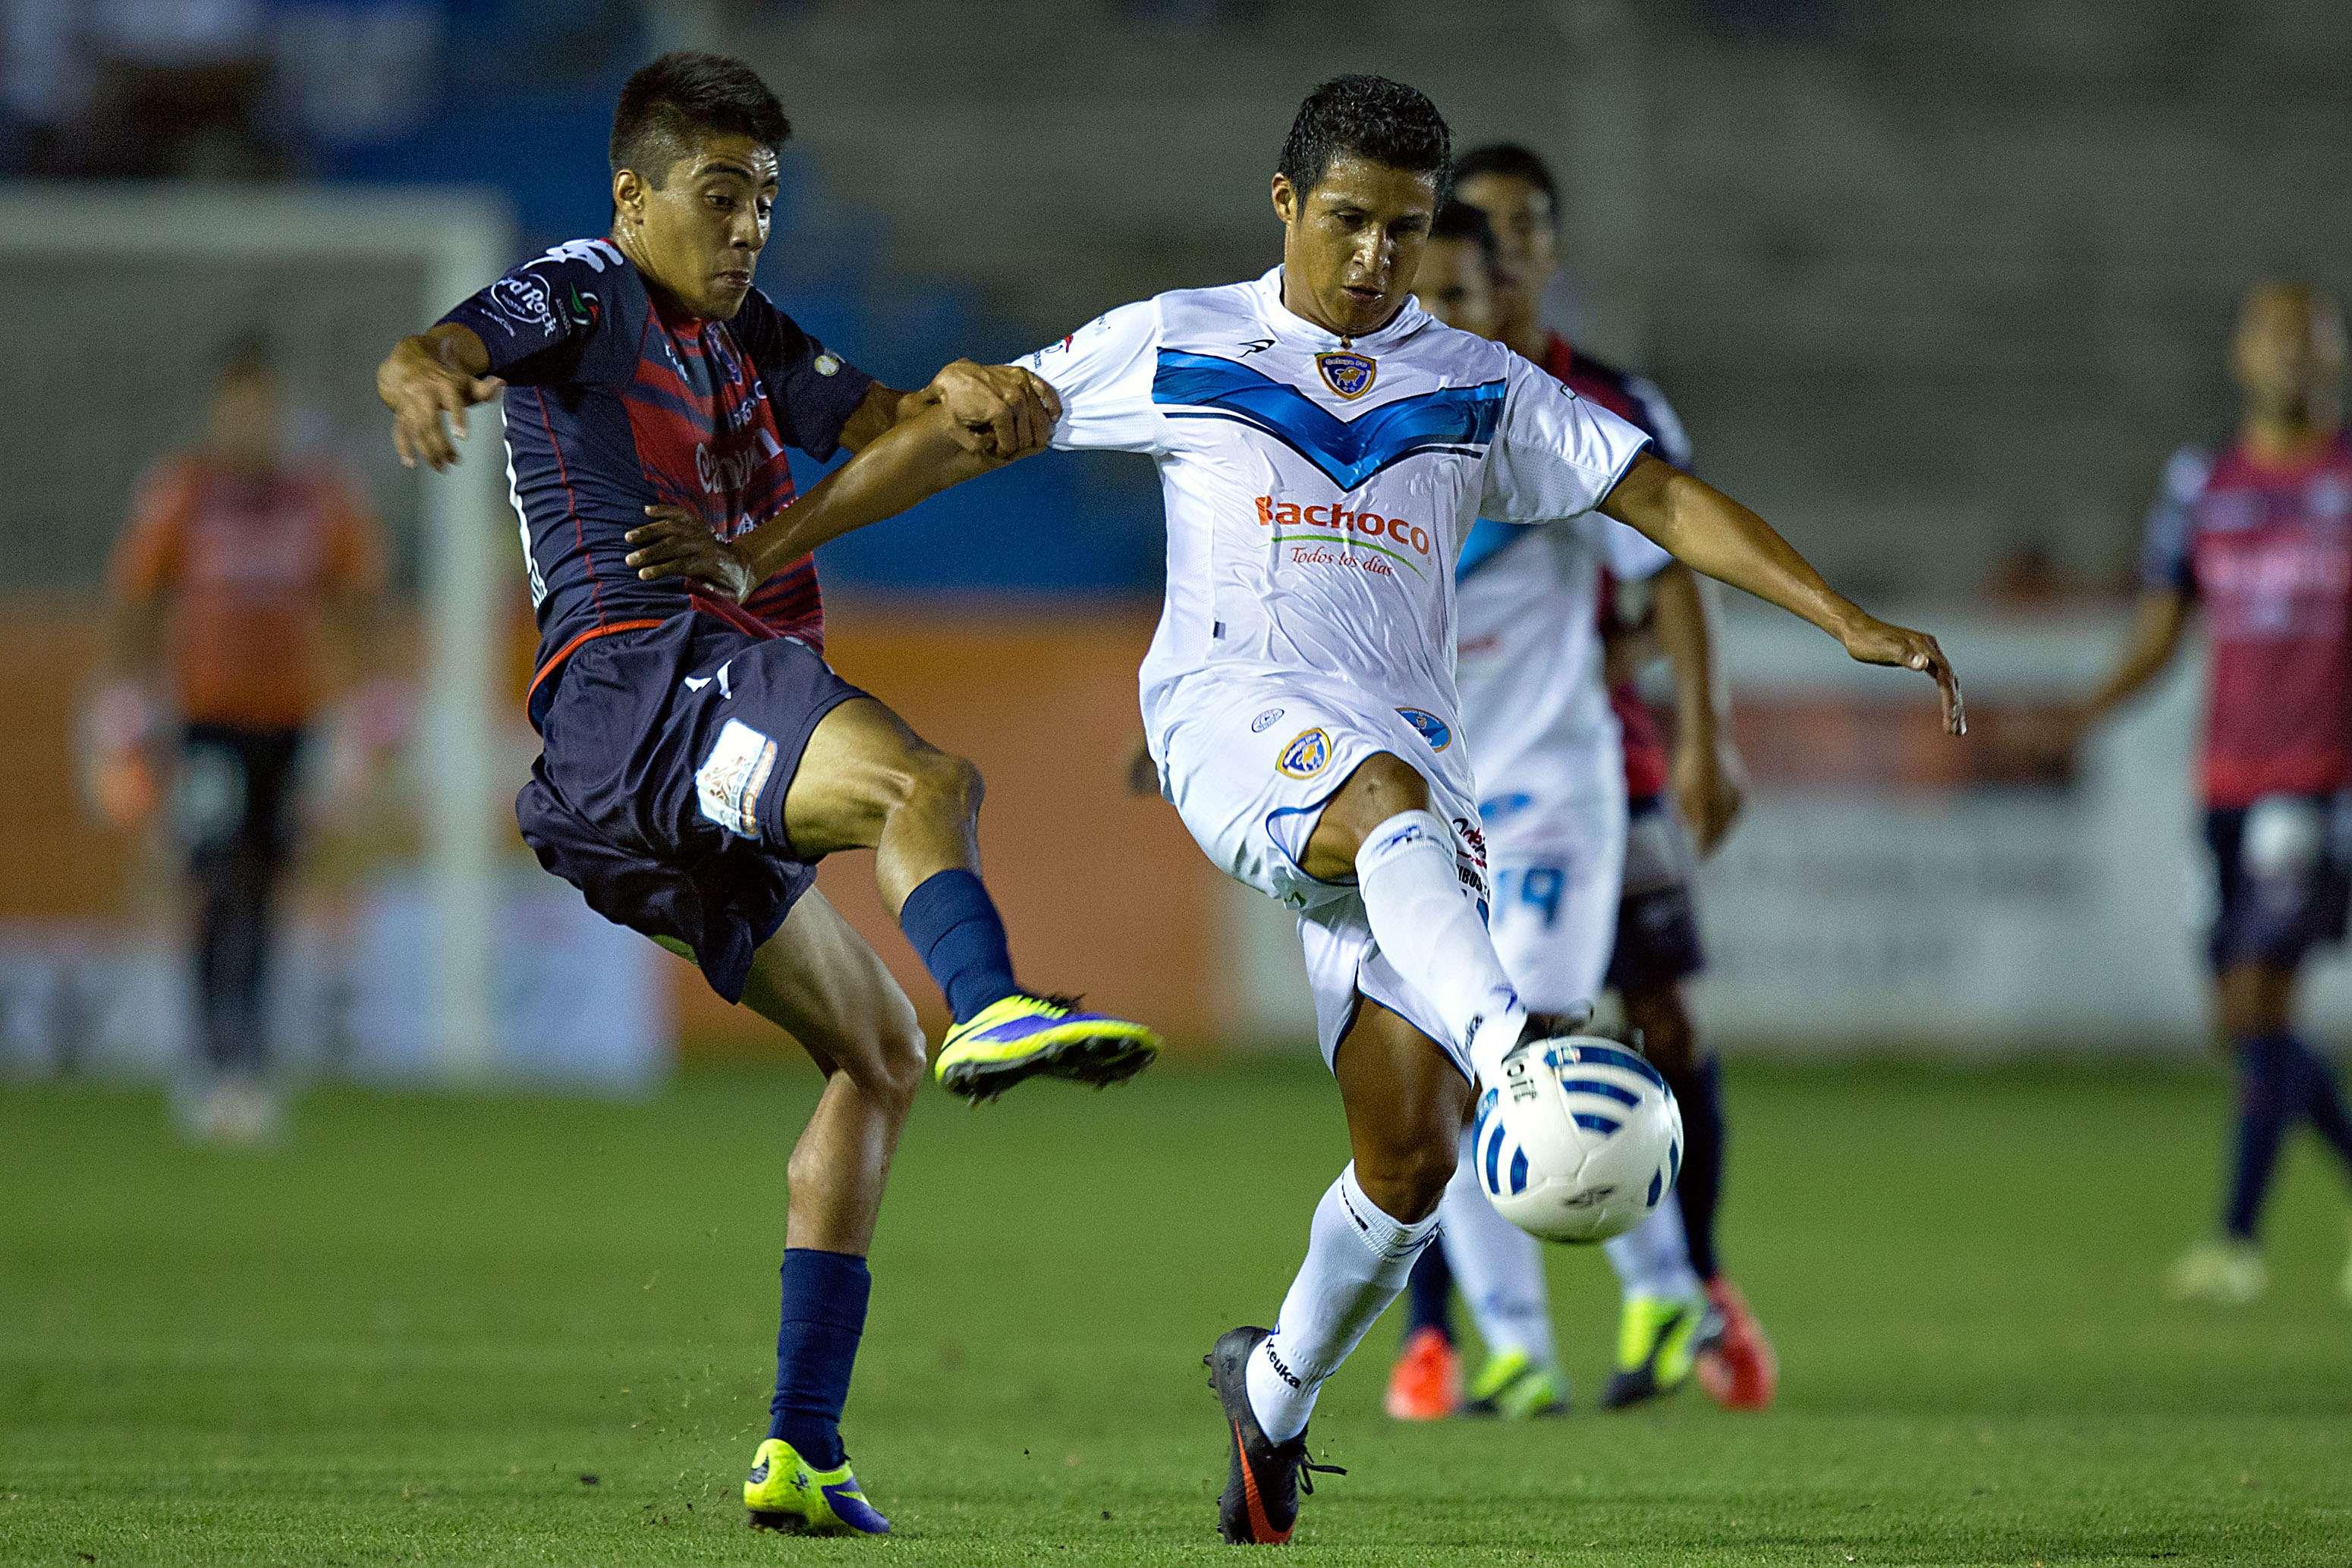 Con doblete de Patricio Barroche, Celaya derrotó 2-1 al Atlante, en el cierre de la jornada 8 de la Liga de Ascenso MX. Por los Potros descontó Sonny Guadarrama. Foto: Imago7